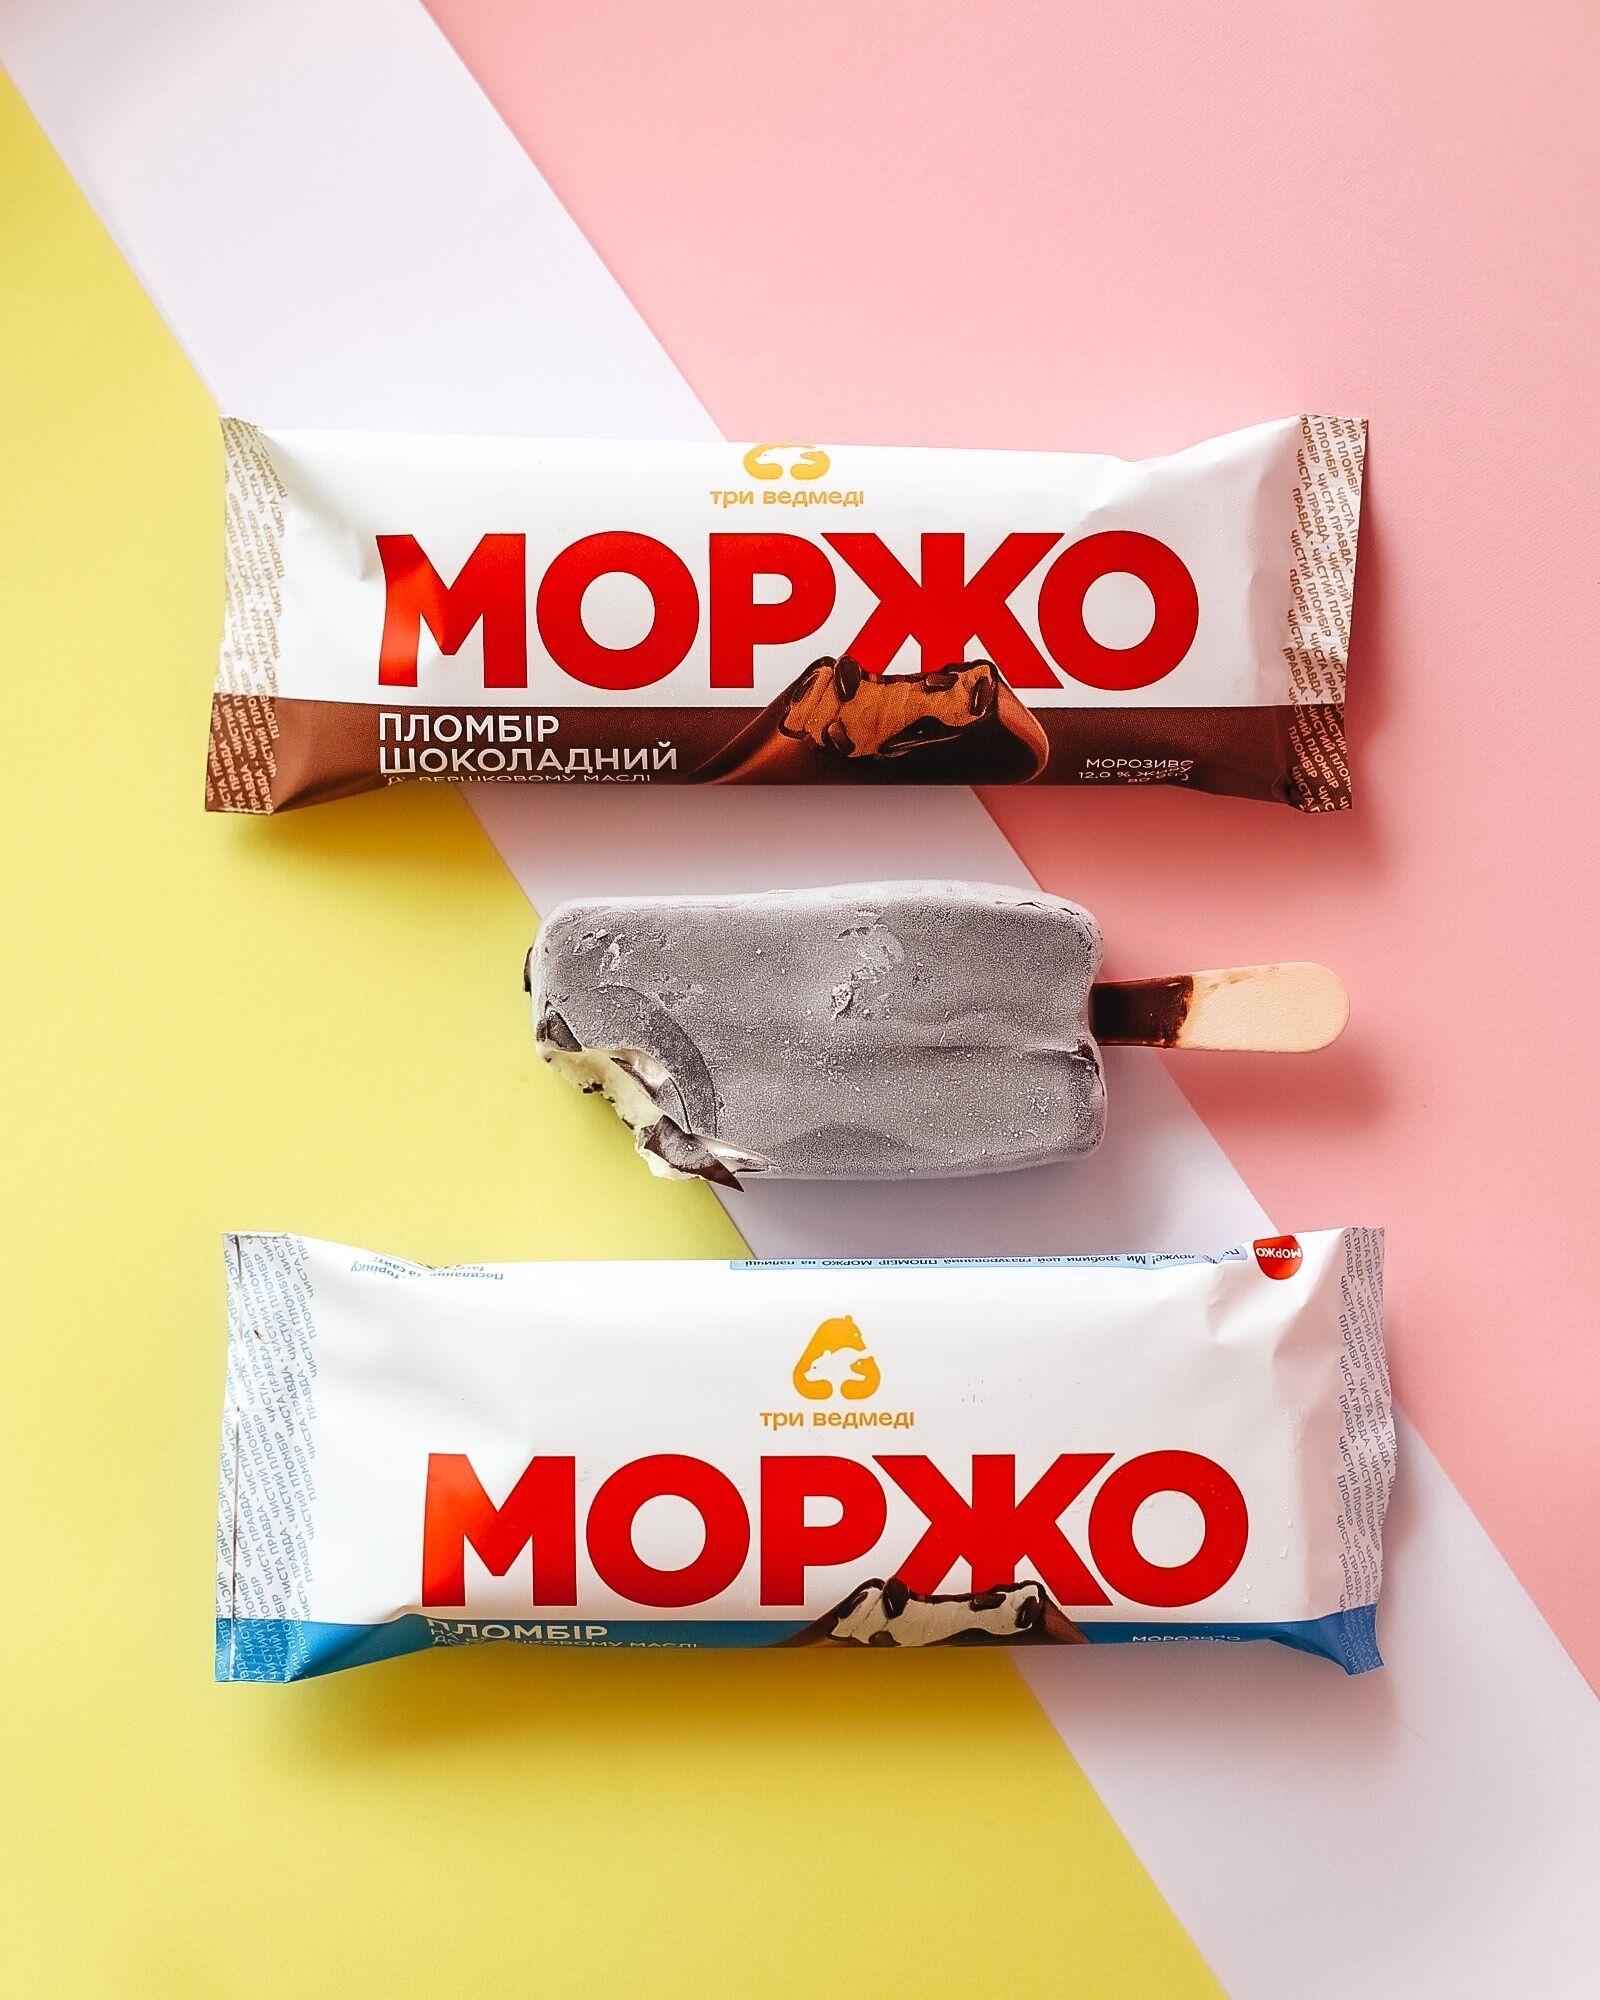 Мороженое пломбир и шоколадный пломбир МОРЖО глазированное на палочке